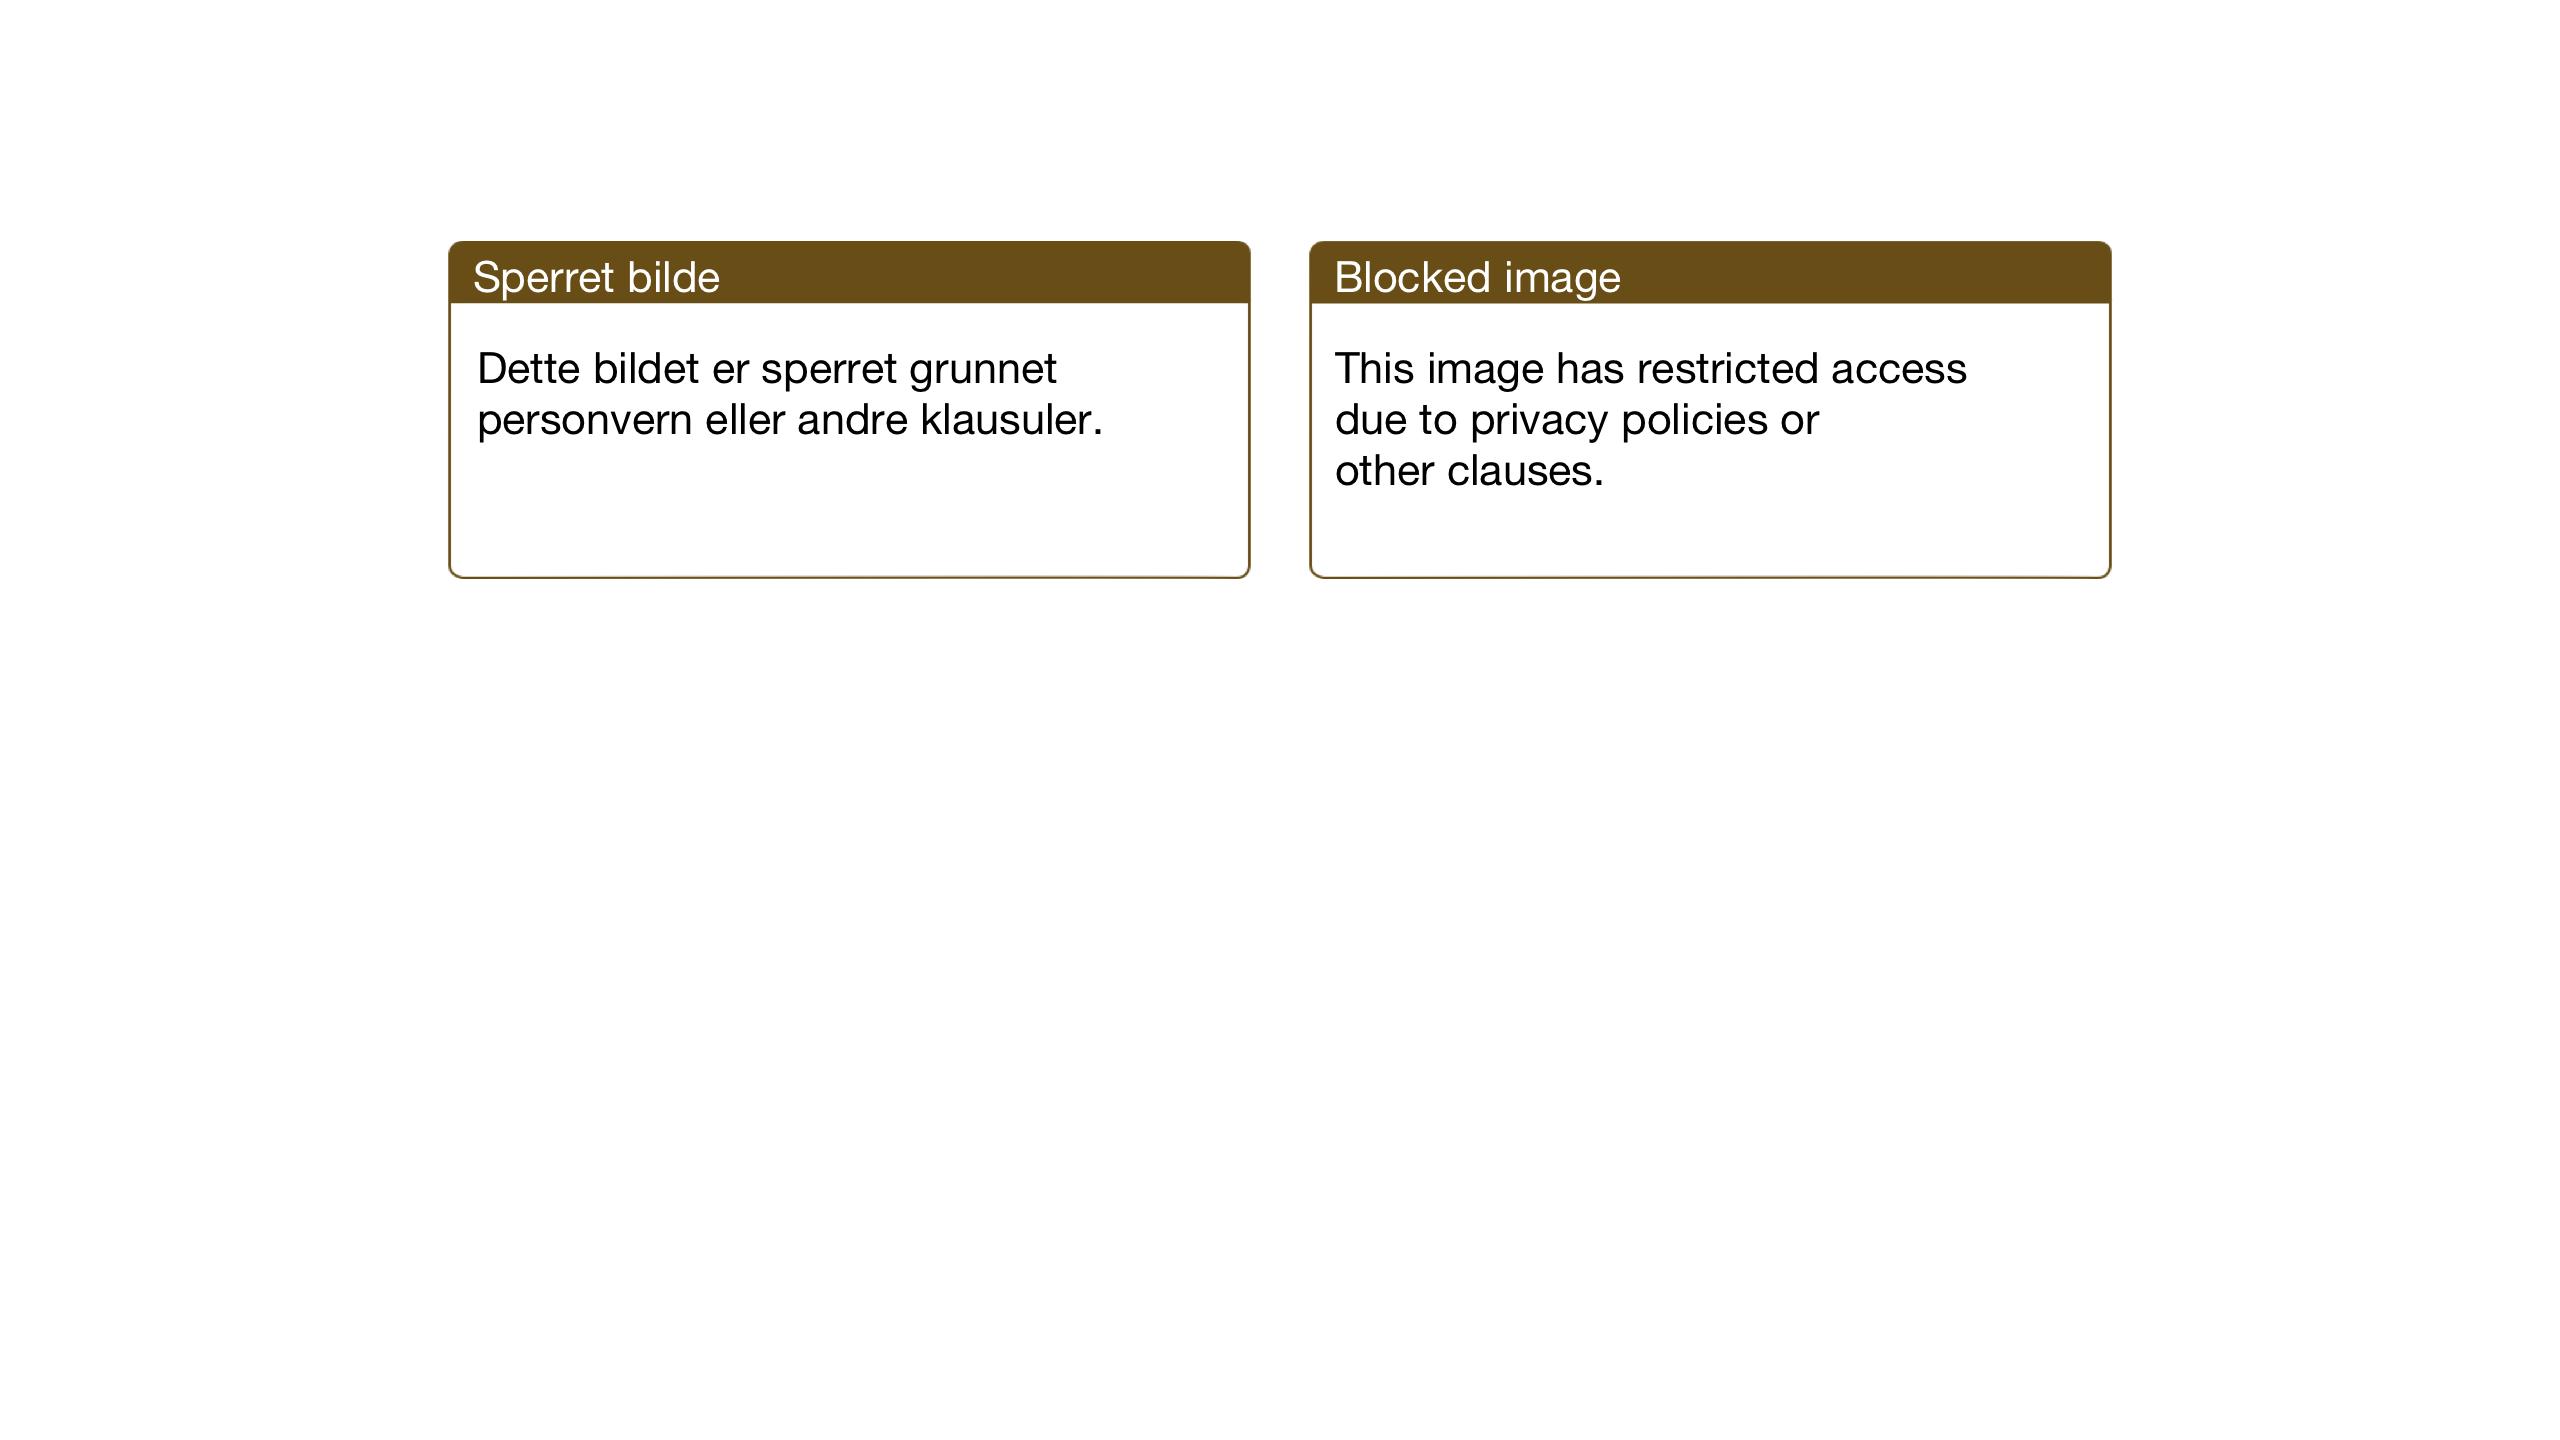 SAT, Ministerialprotokoller, klokkerbøker og fødselsregistre - Sør-Trøndelag, 682/L0947: Klokkerbok nr. 682C01, 1926-1968, s. 143